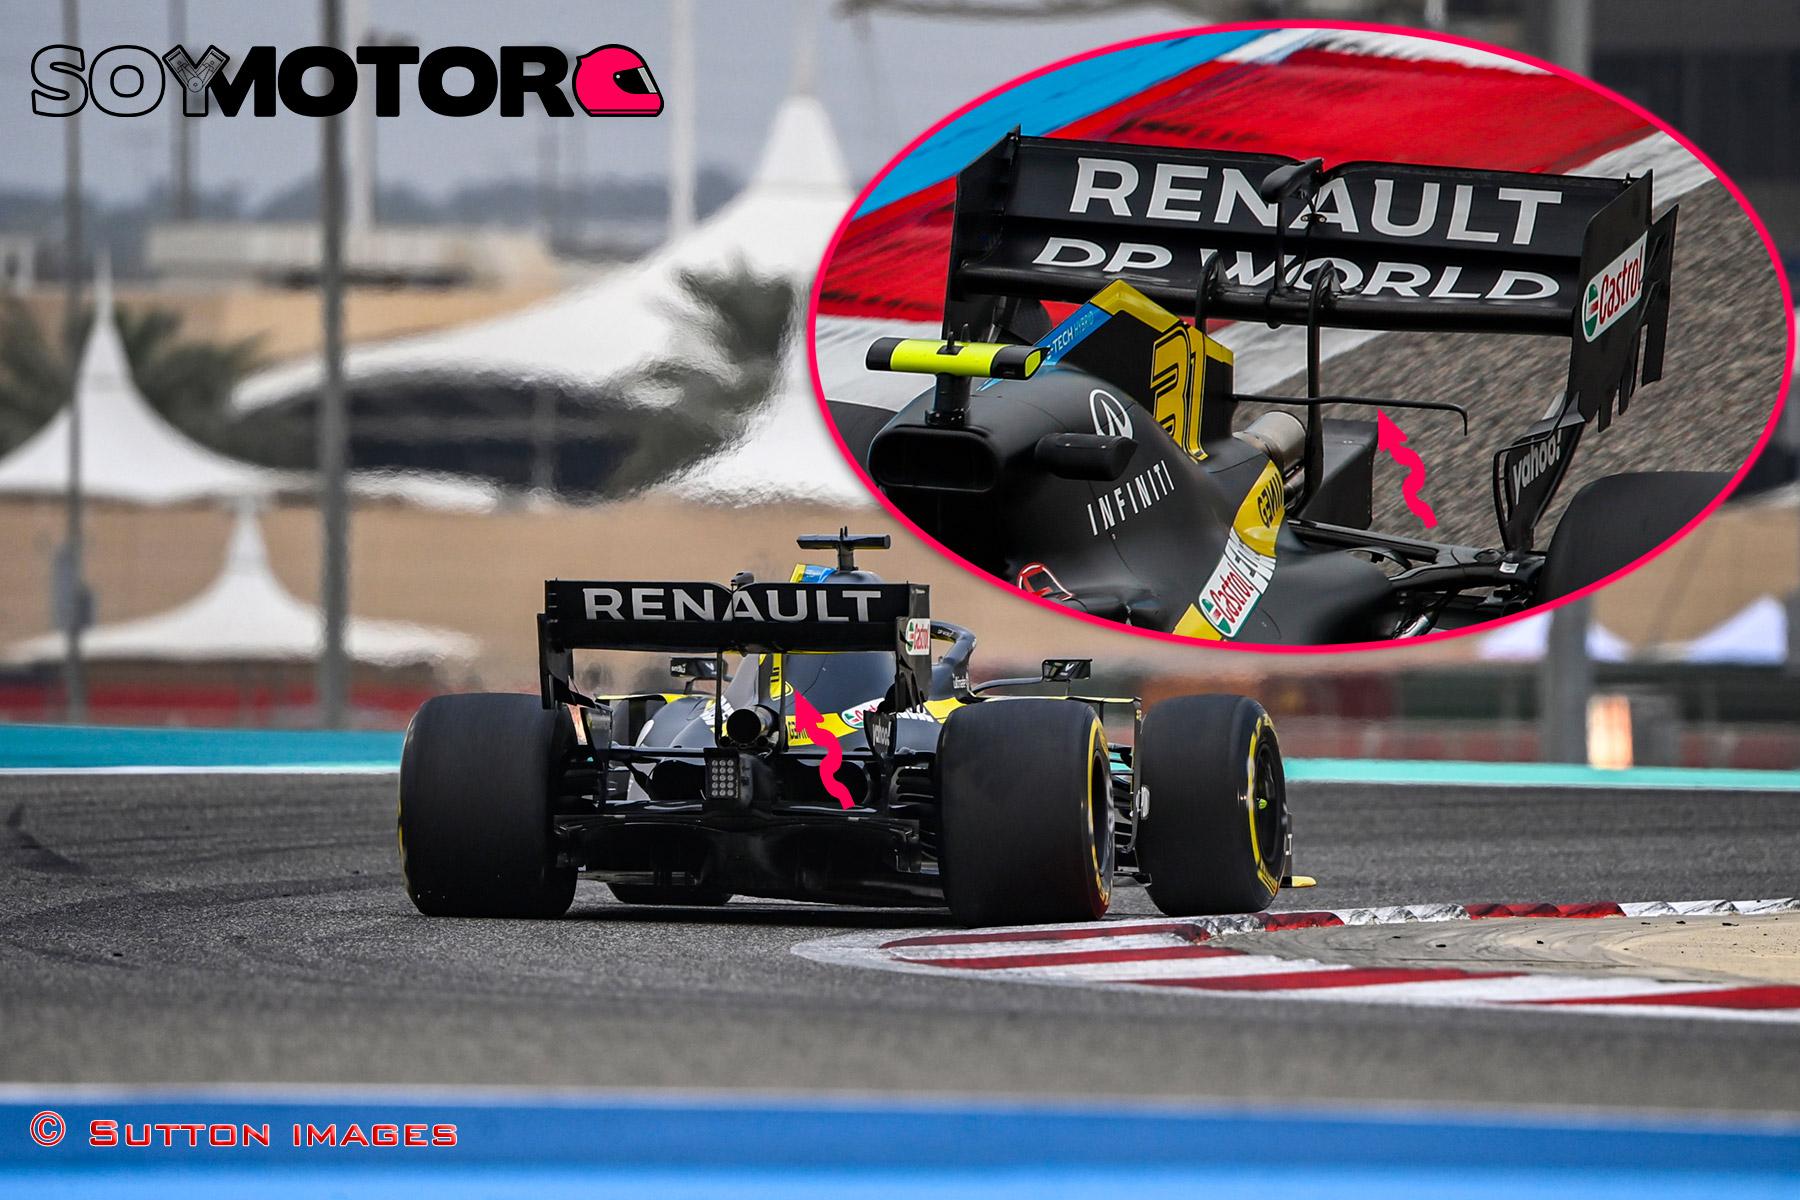 renault-ala-trasera-y-t-wing-soymotor_5.jpg